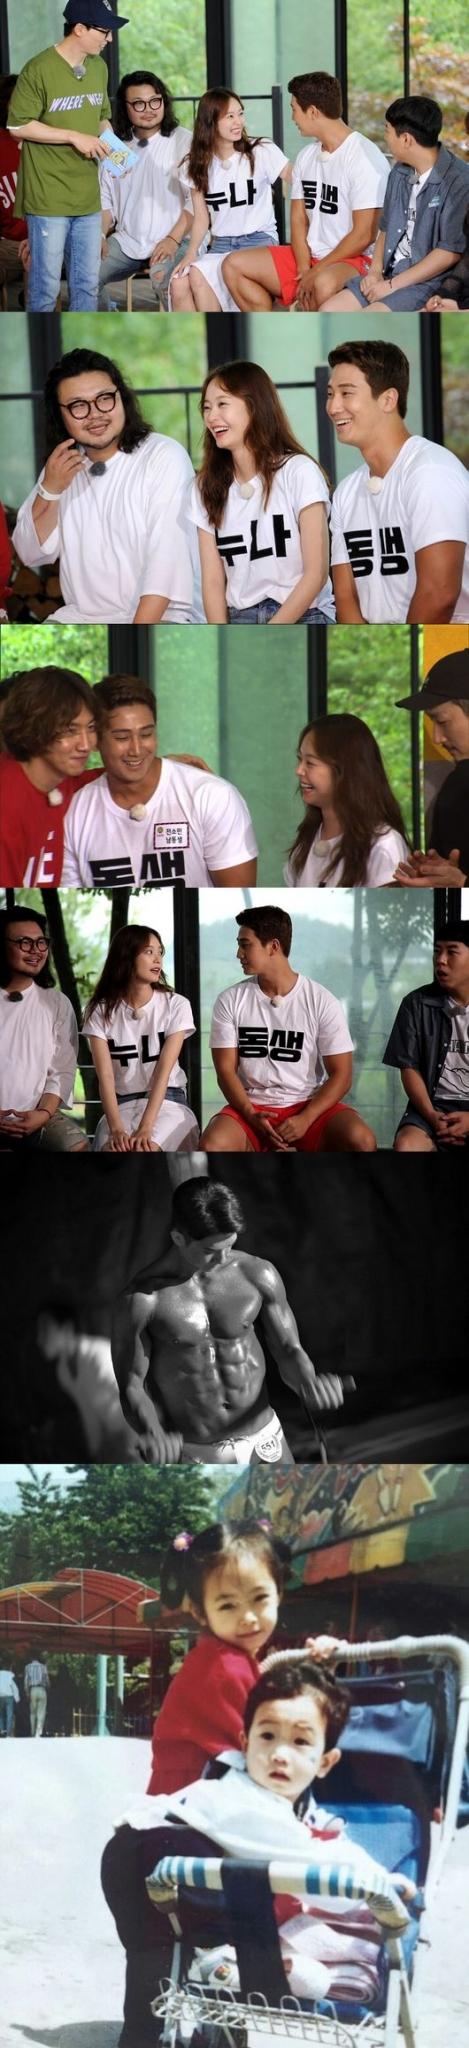 '런닝맨' 전소민 동생, 헬스 트레이너 전욱민… '배우' 뺨치는 비주얼